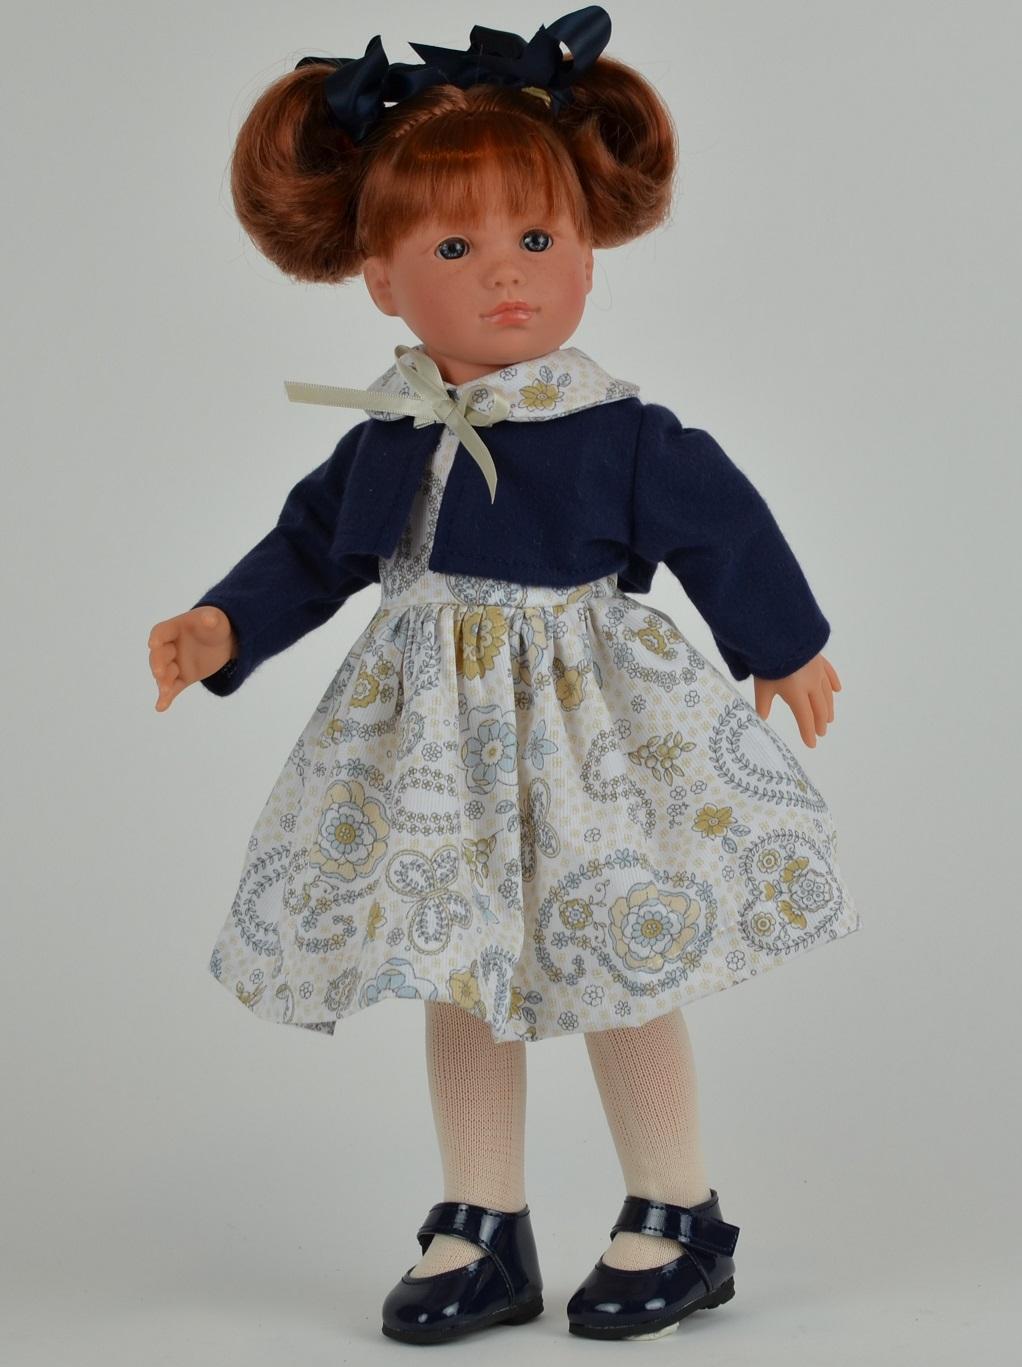 Кукла Нелли в синем болеро, 43 см.Куклы ASI (Испания)<br>Кукла Нелли в синем болеро, 43 см.<br>